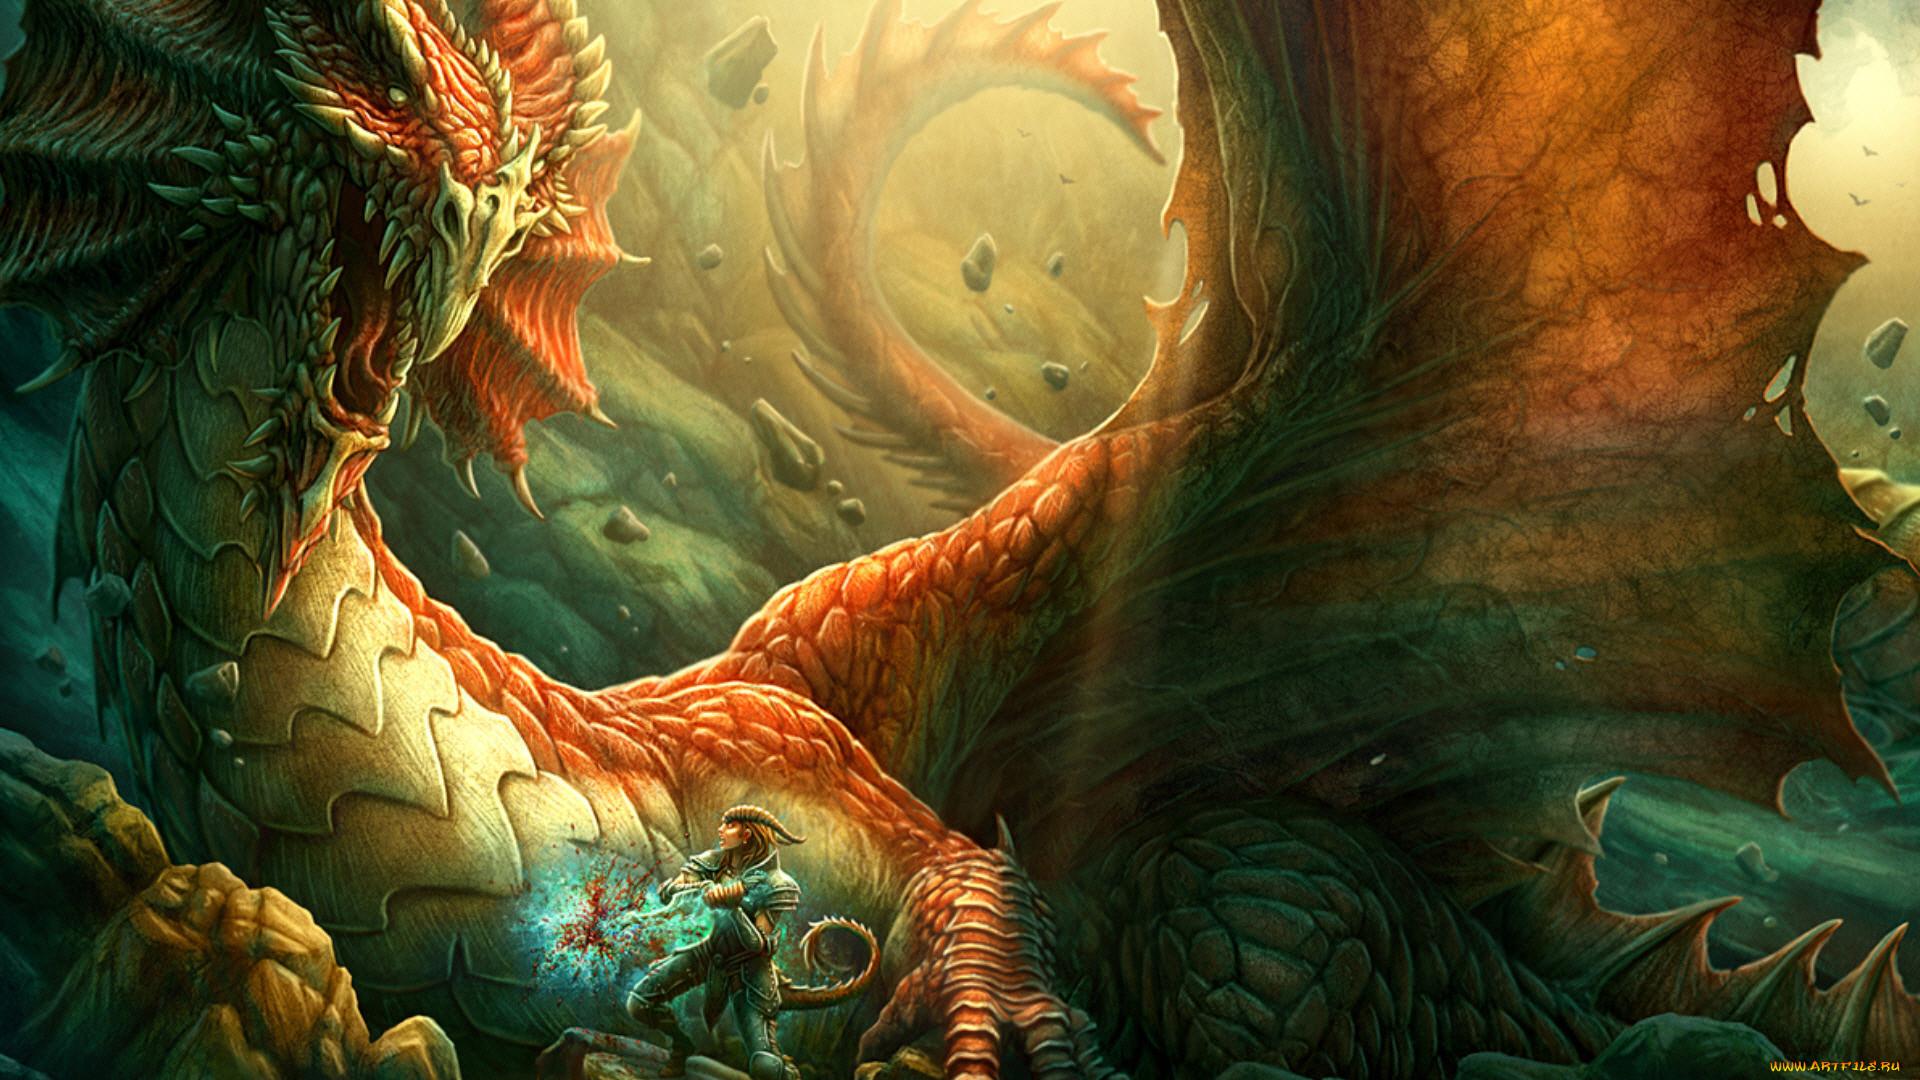 церемонии картинки фентези с драконами три